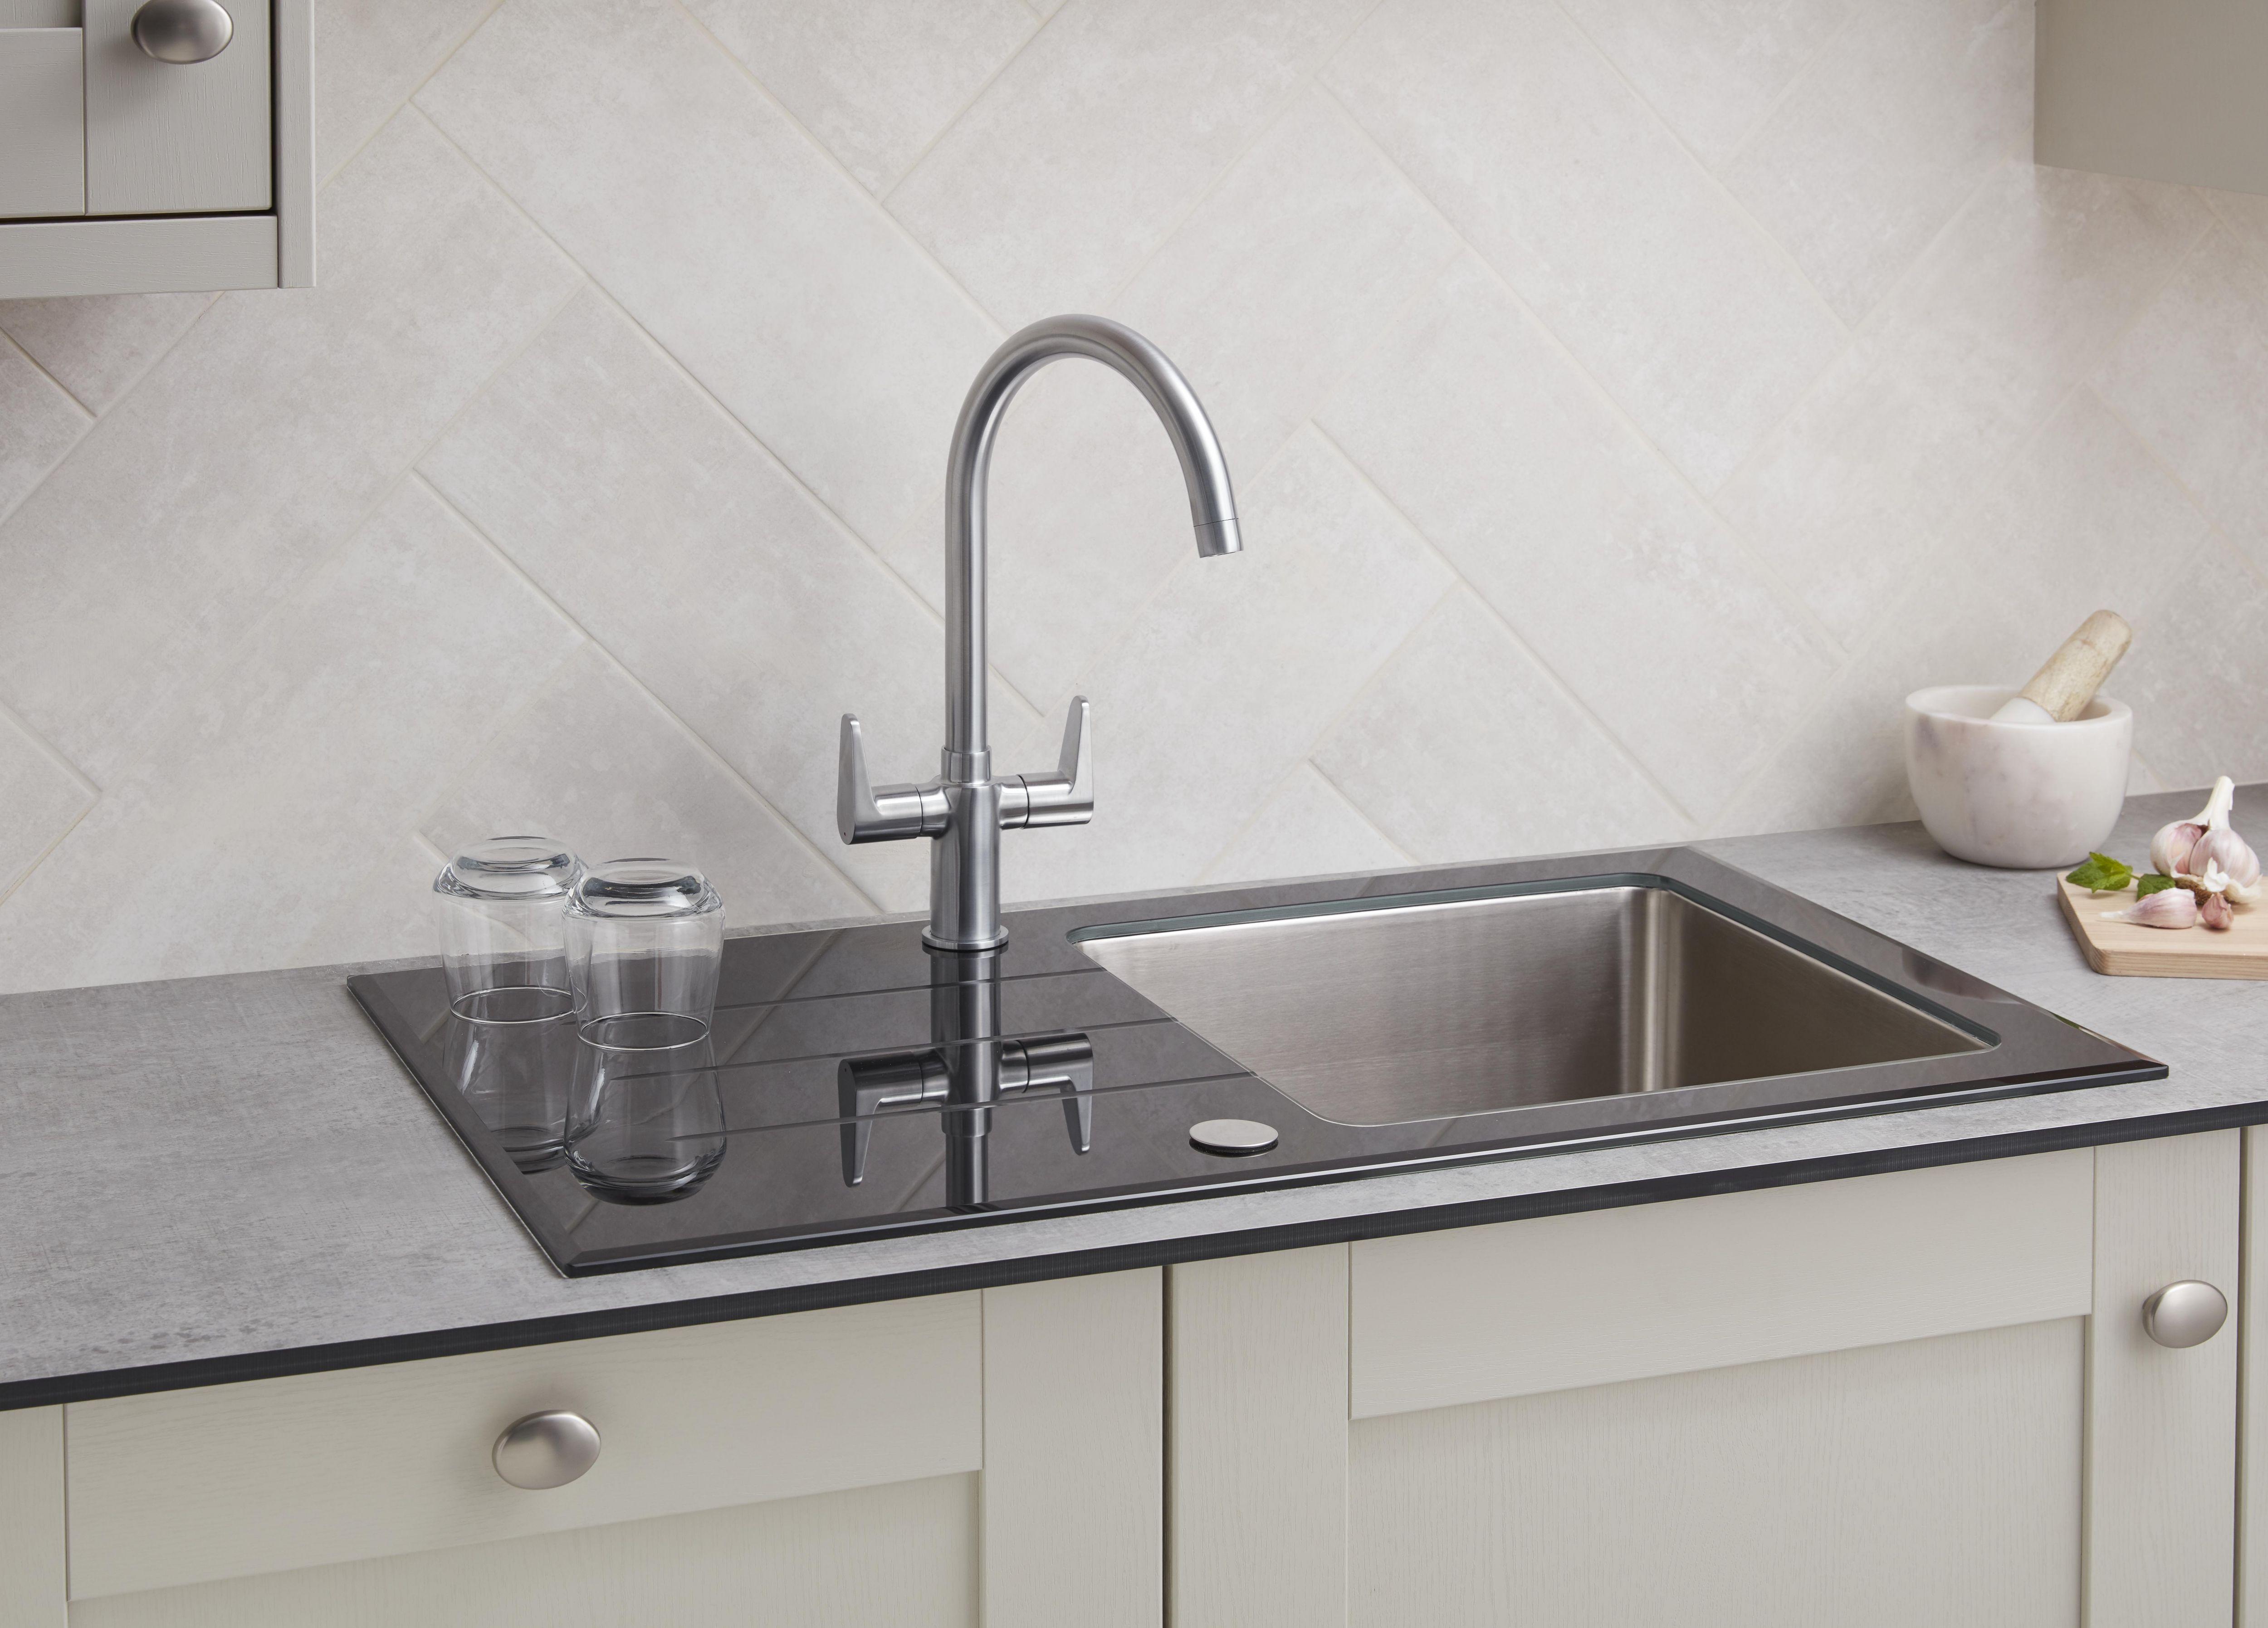 monobloc tap installed in kitchen sink how to remove  u0026 fit a kitchen tap   ideas  u0026 advice   diy at b u0026q  rh   diy com